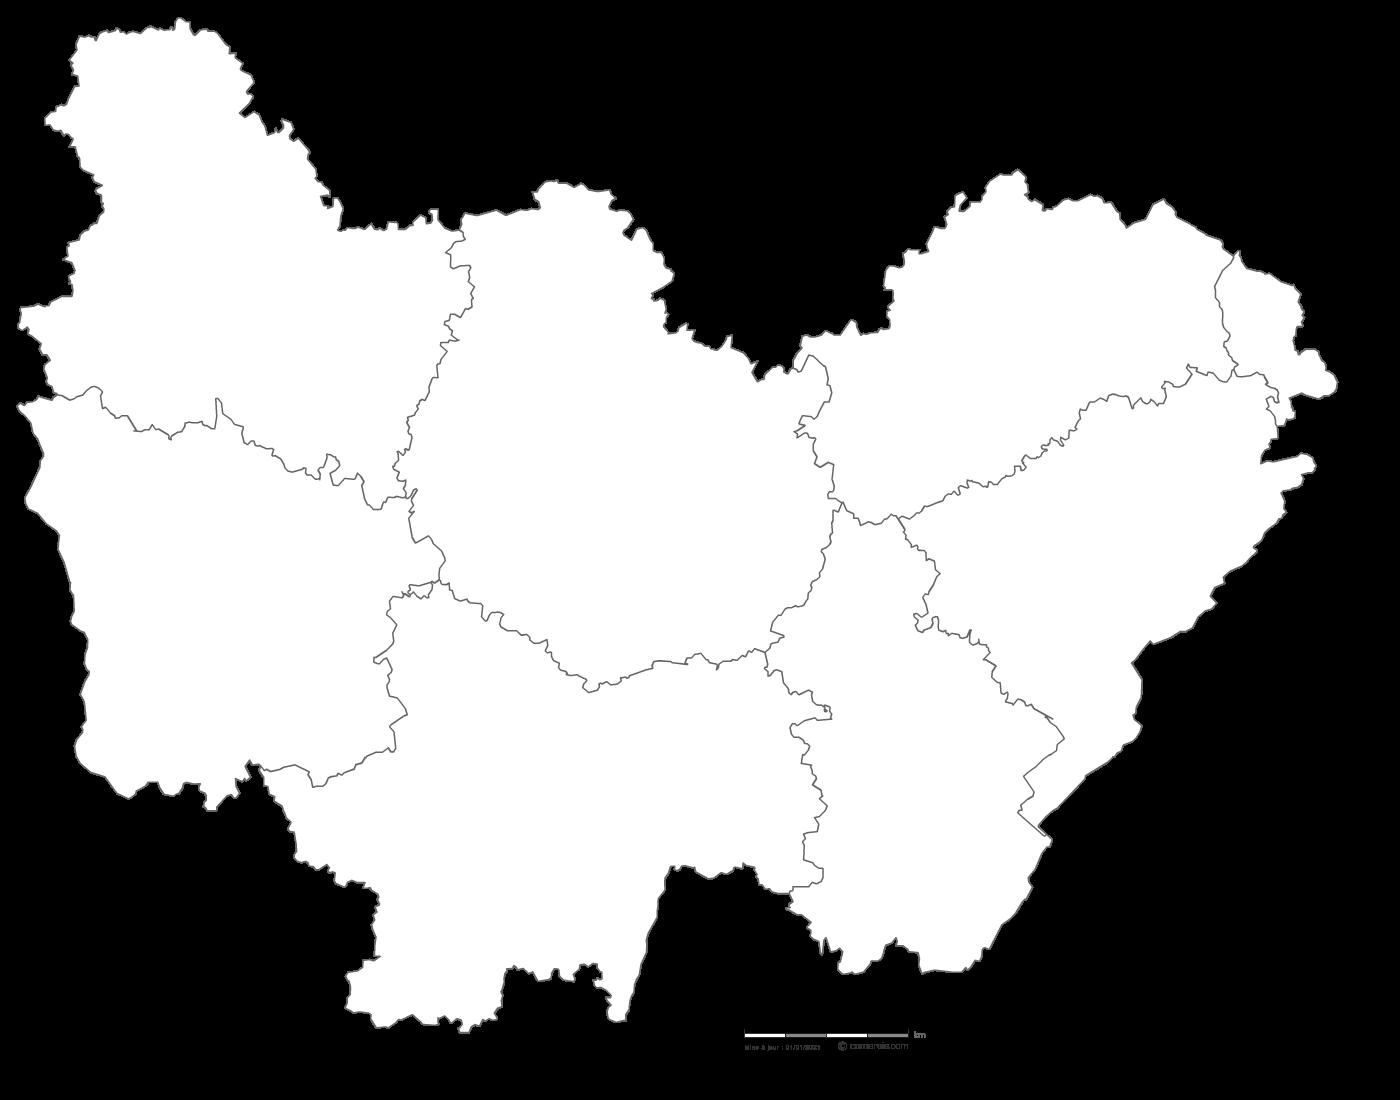 carte région bourgogne franche comté Carte gratuite de Bourgogne Franche Comté